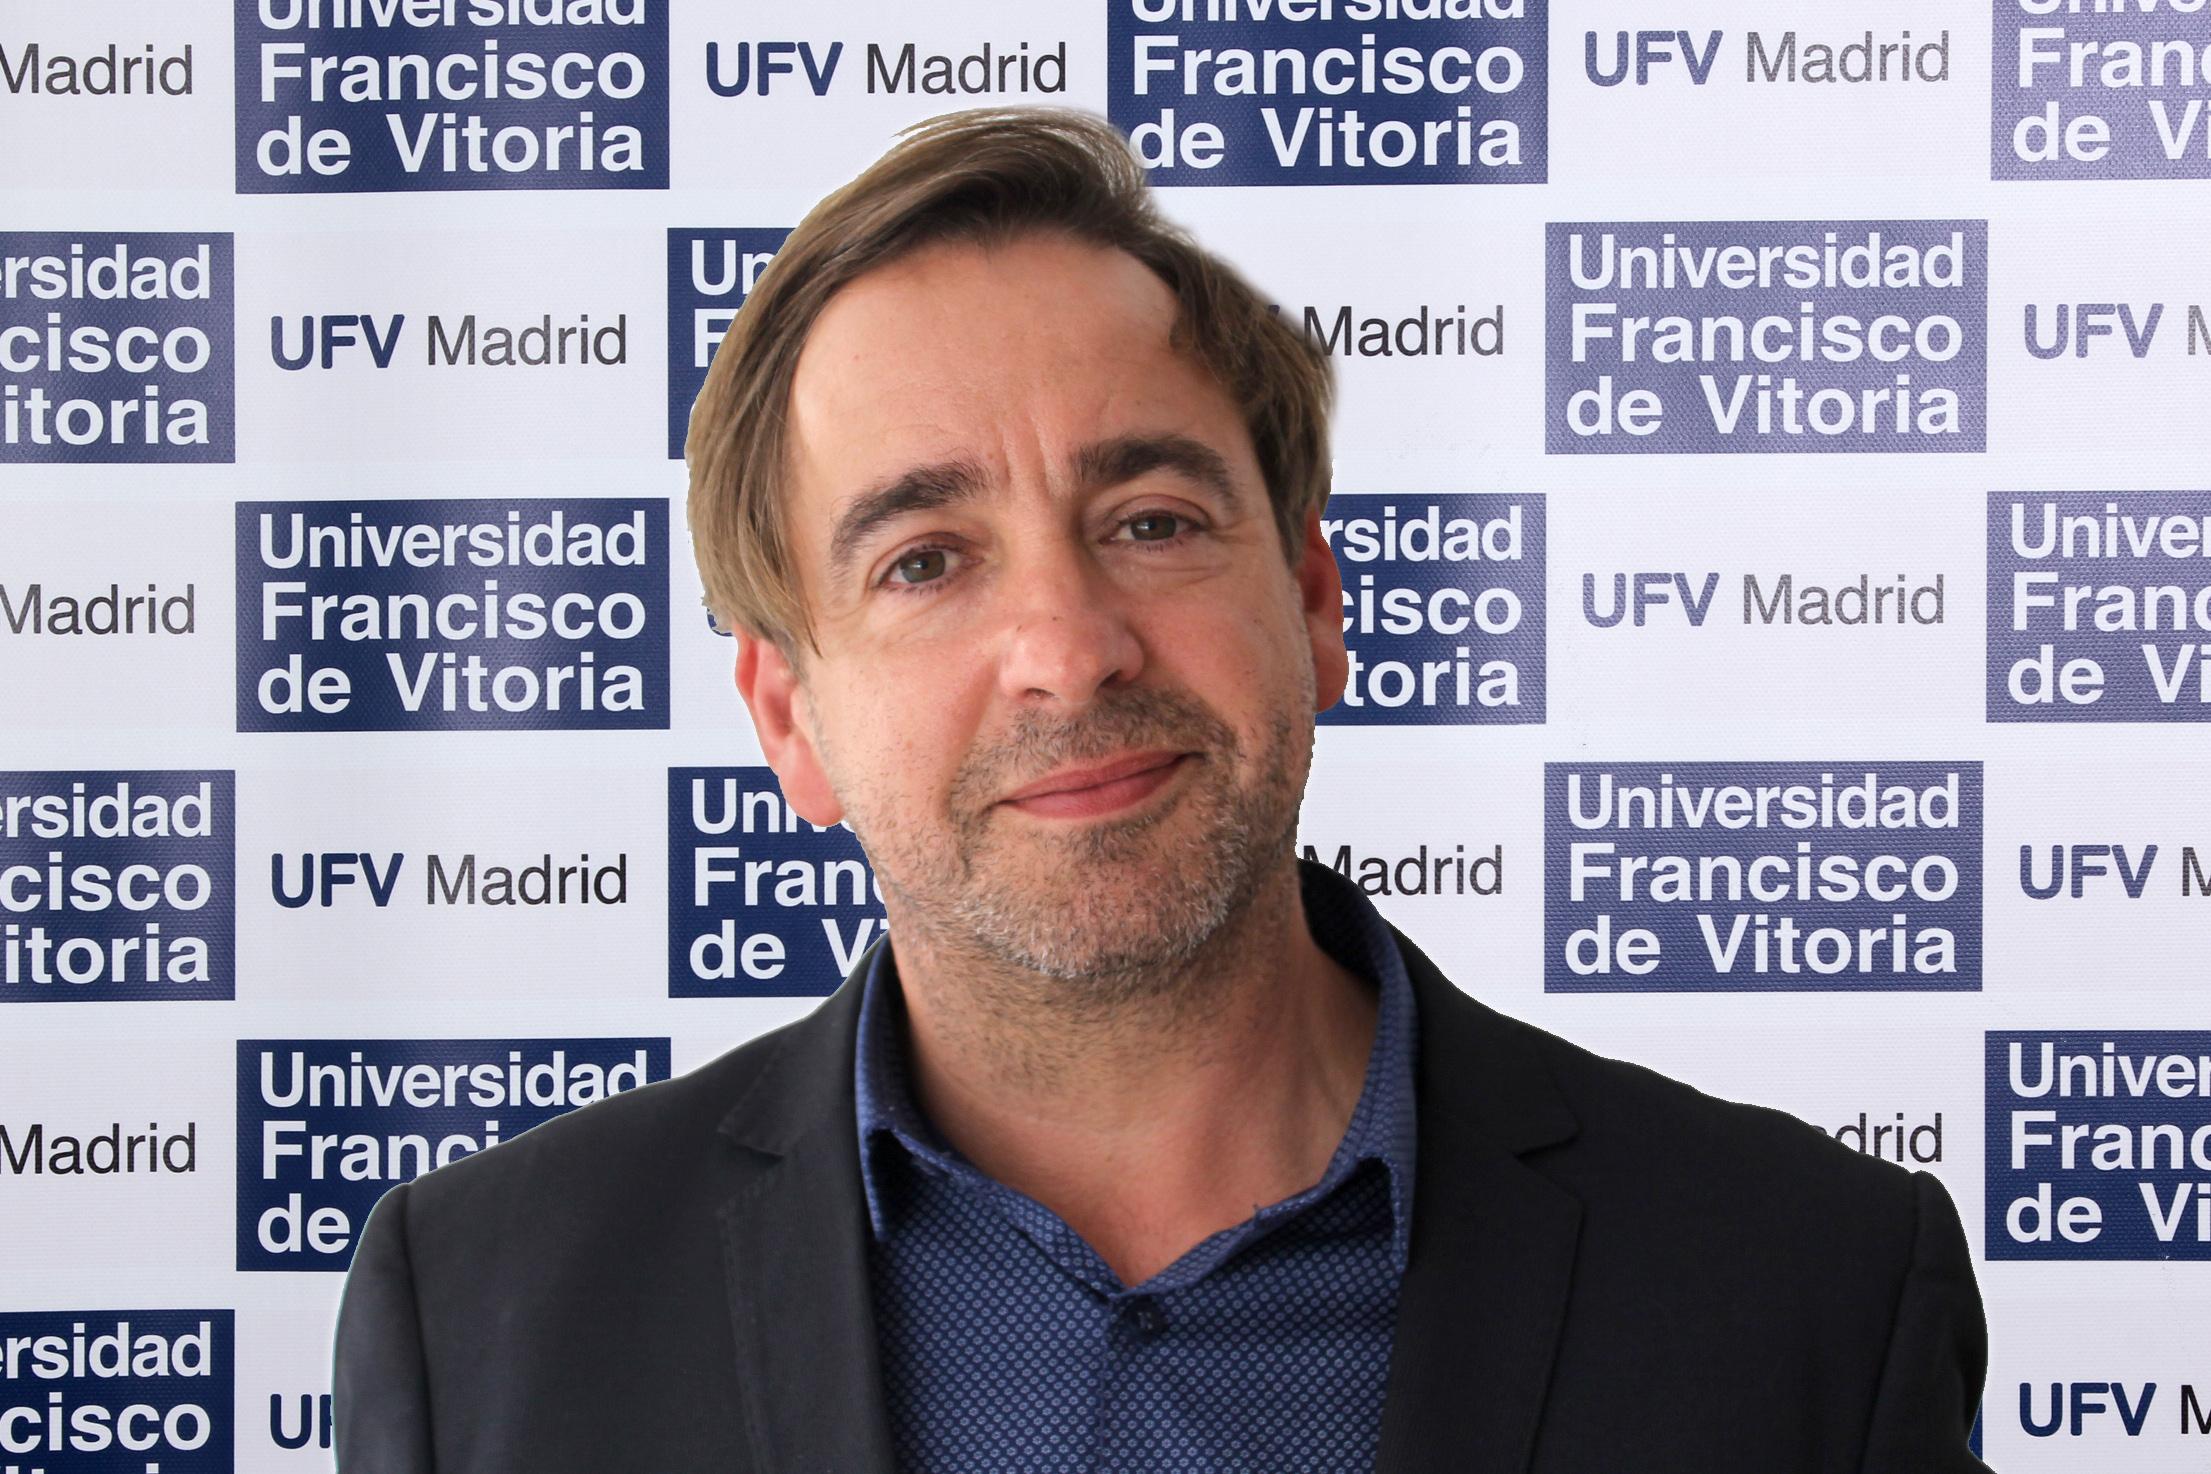 """Carlo José Martínez Carlos José Martínez, nuevo director del Coro UFV: """"La música en la Universidad es una oportunidad para compartir, integrar y buscar la belleza"""""""